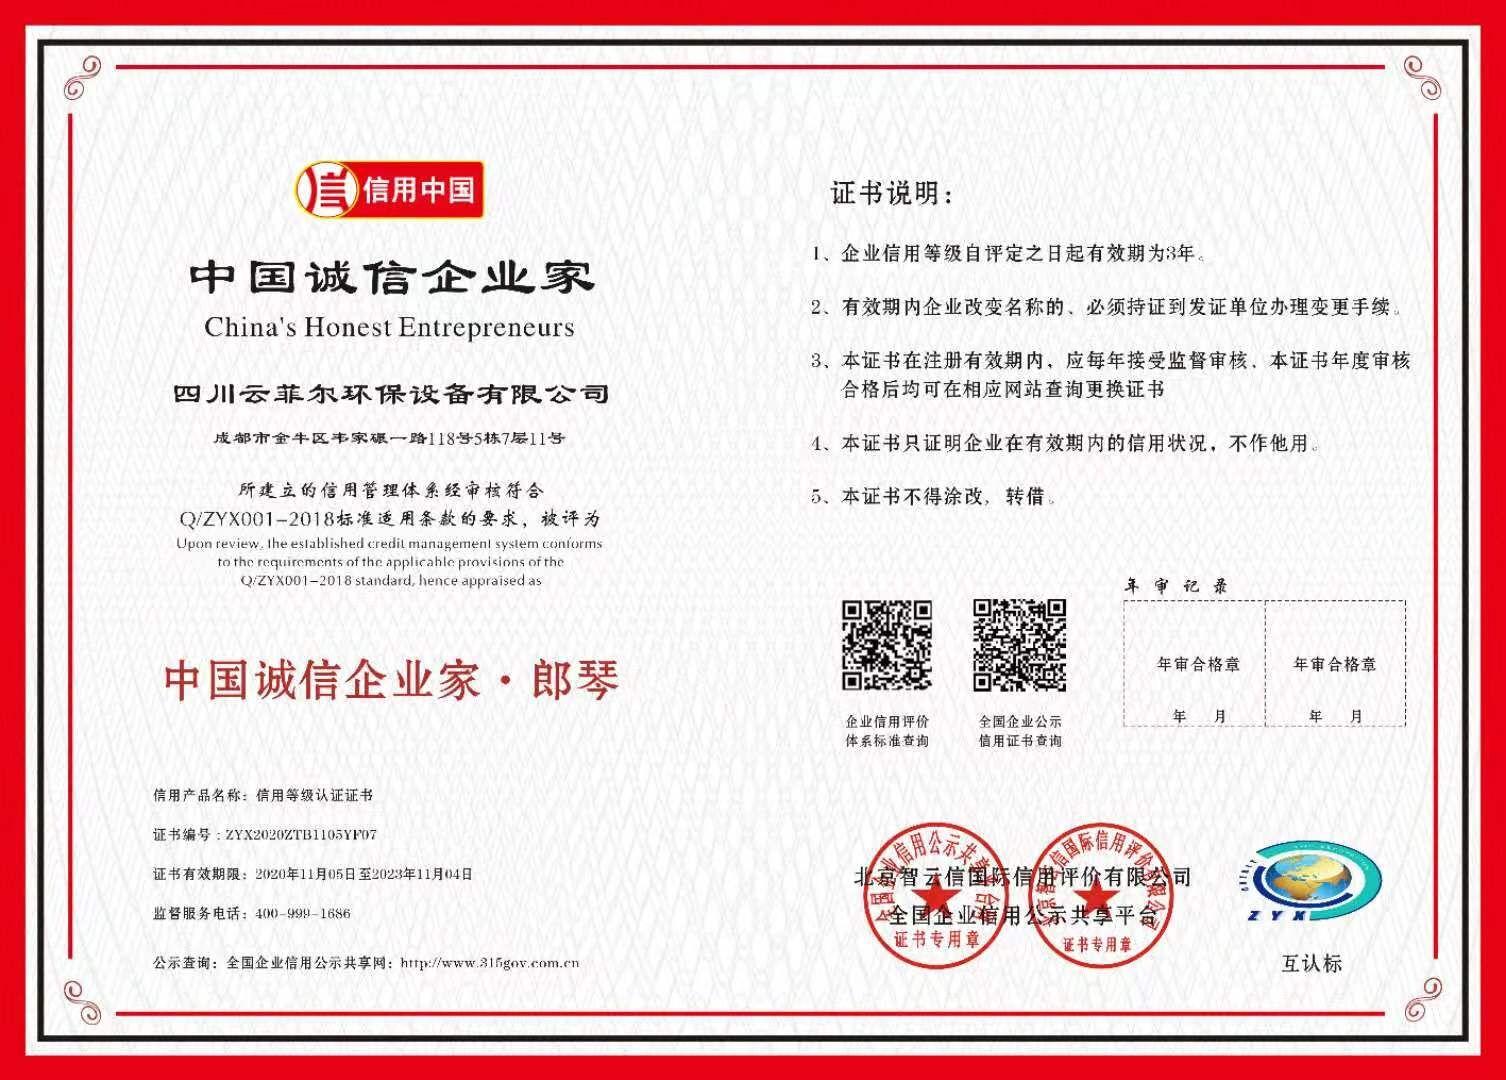 云菲尔环保中国诚信企业家